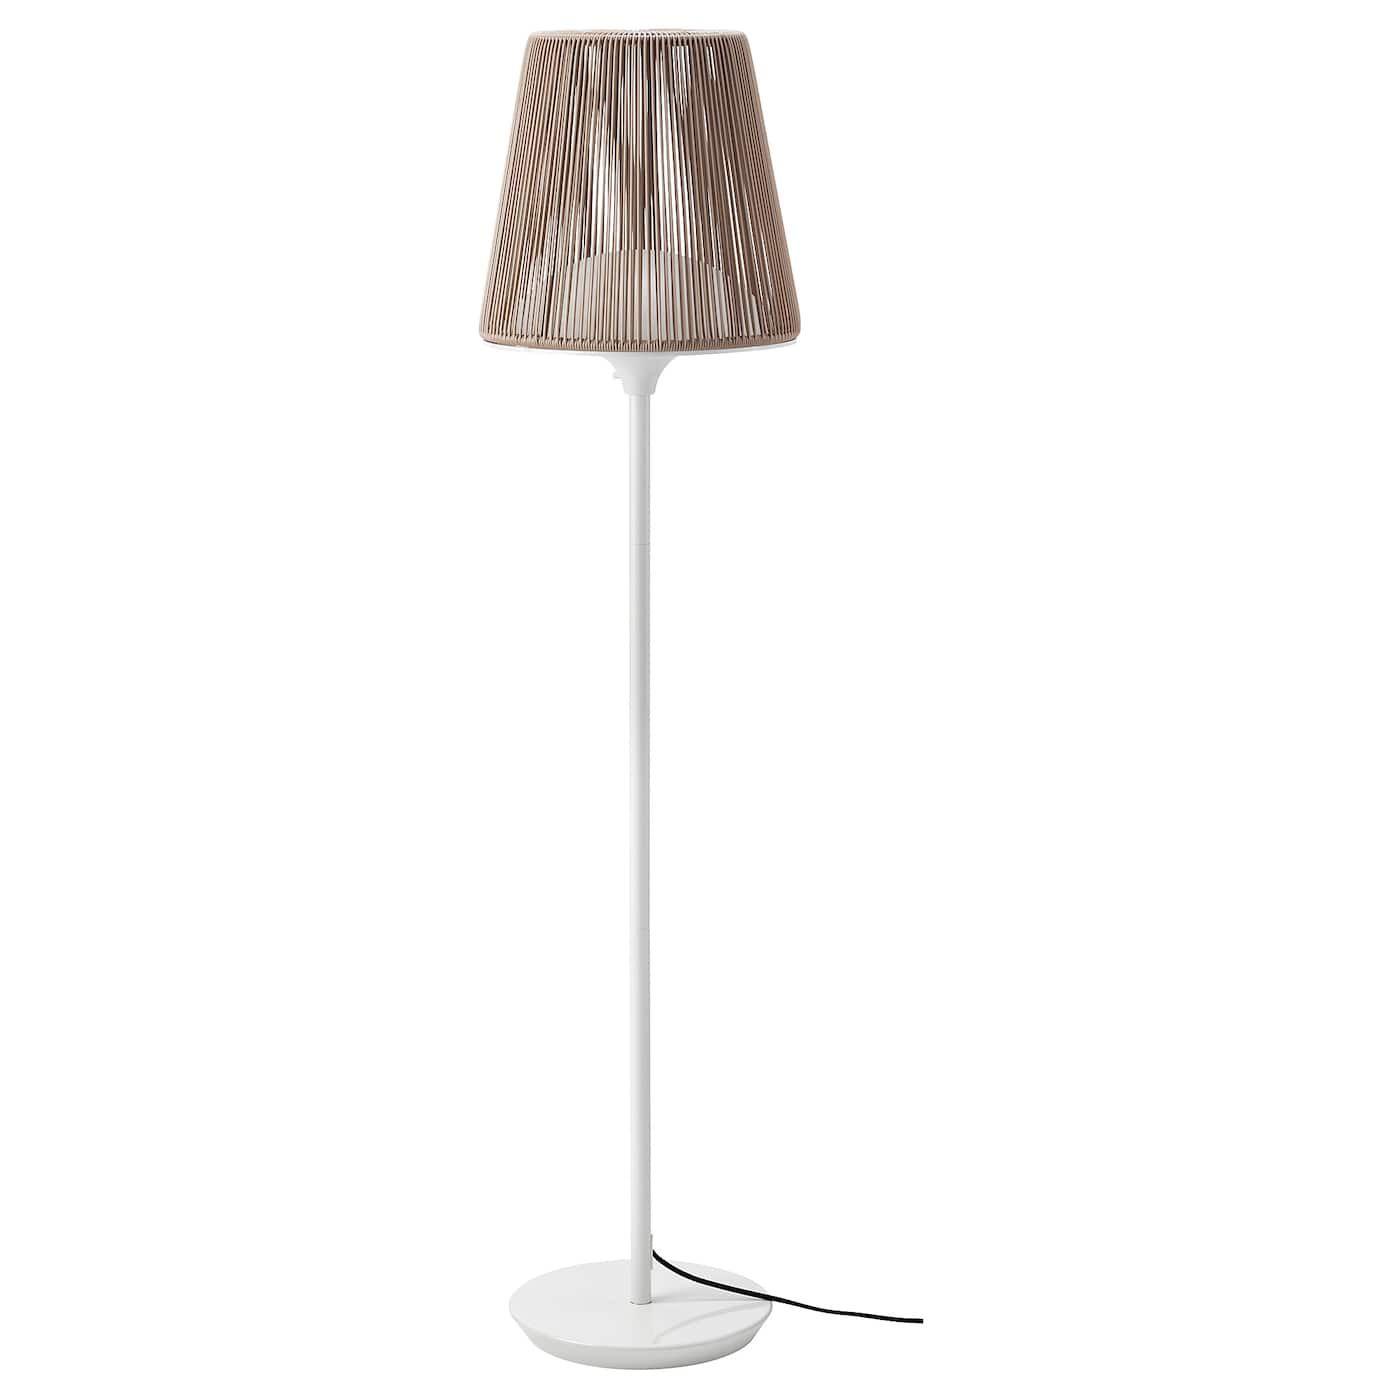 Ikea Mullbacka Floor Lamp Outdoor Floor Lamps Floor Lamp Lamp